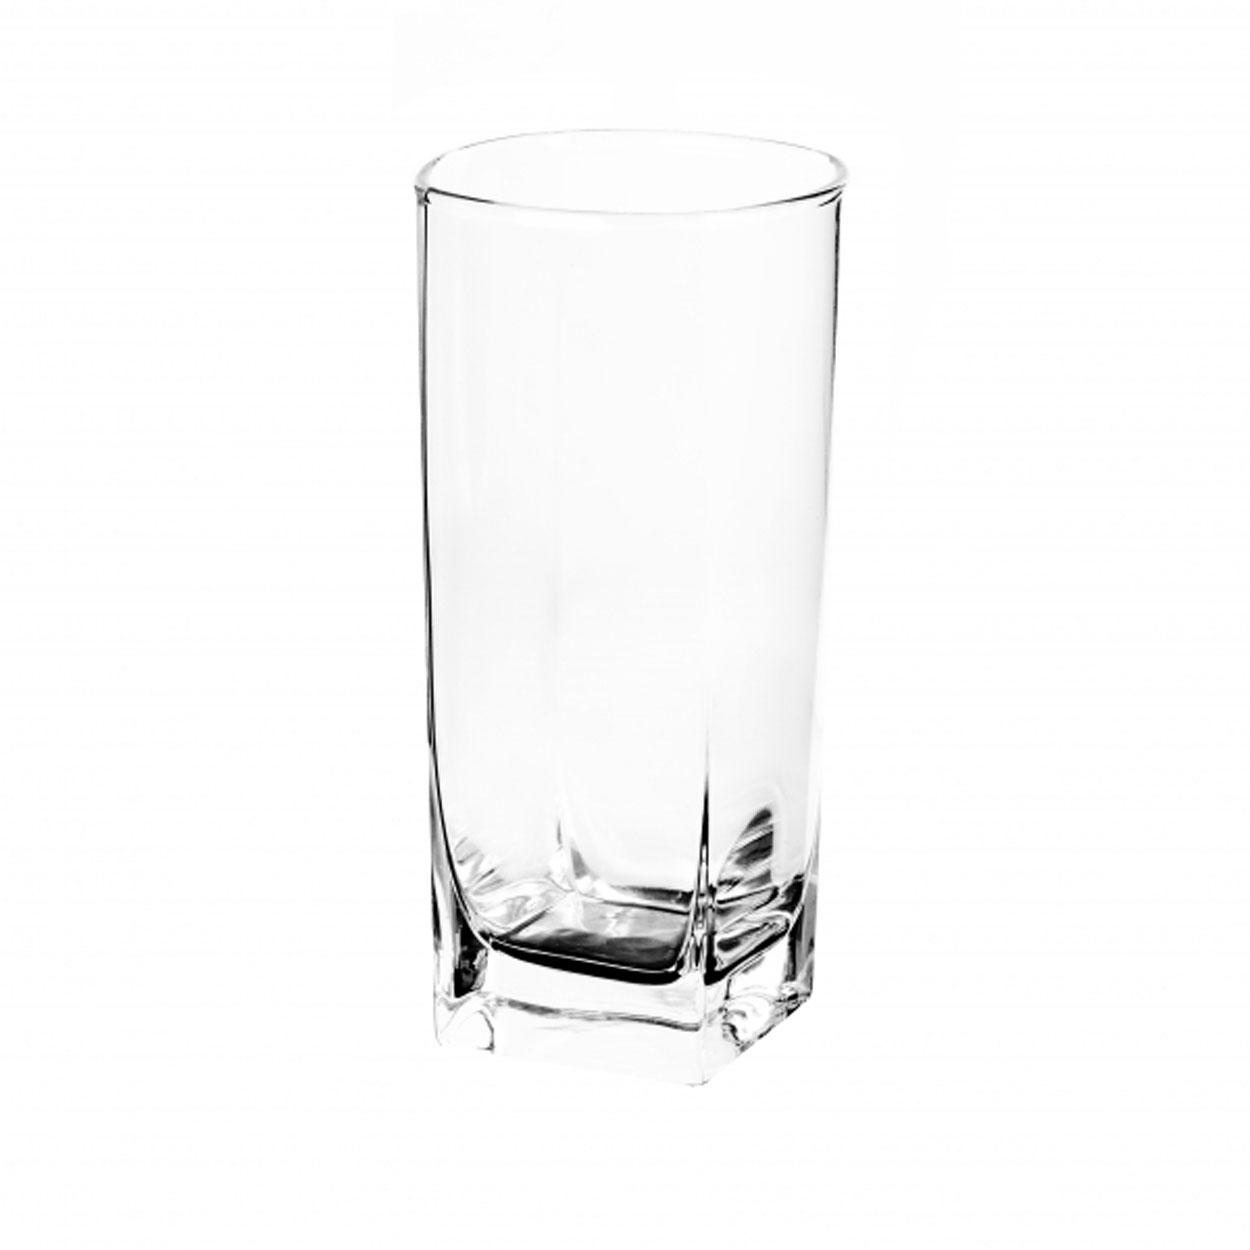 Набор стаканов Luminarc Стерлинг, 330 мл, 6 штVT-1520(SR)Набор стаканов Стерлинг от Luminarc оценят те, кто предпочитает стильную и надежную посуду. Стаканы изготовлены из фирменного ударопрочного стекла со специальным покрытием, которое предотвращает появление микротрещин. Высокие прозрачные стаканы с квадратным дном подойдут и для веселой вечеринки, и повседневного застолья. Набор состоит из шести стаканов, каждый объемом 330 мл. Стаканы можно мыть в посудомоечной машине.